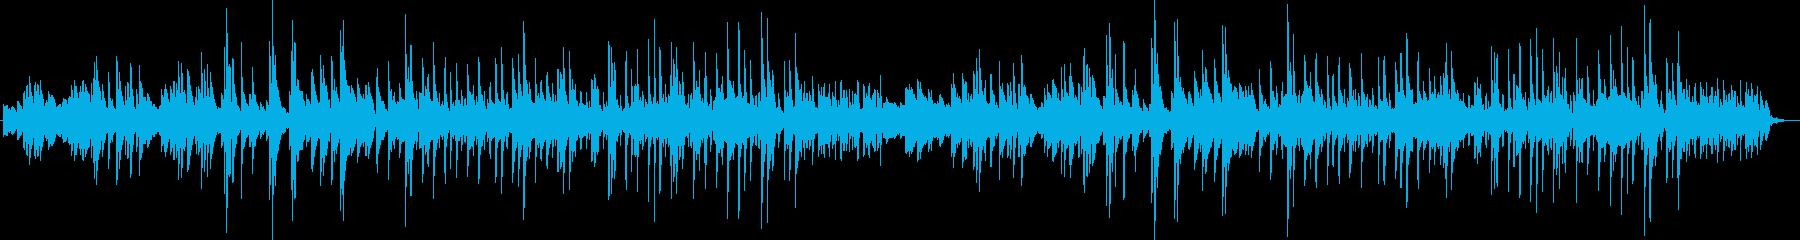 やさしいおだやかなシーン向けピアノ曲の再生済みの波形